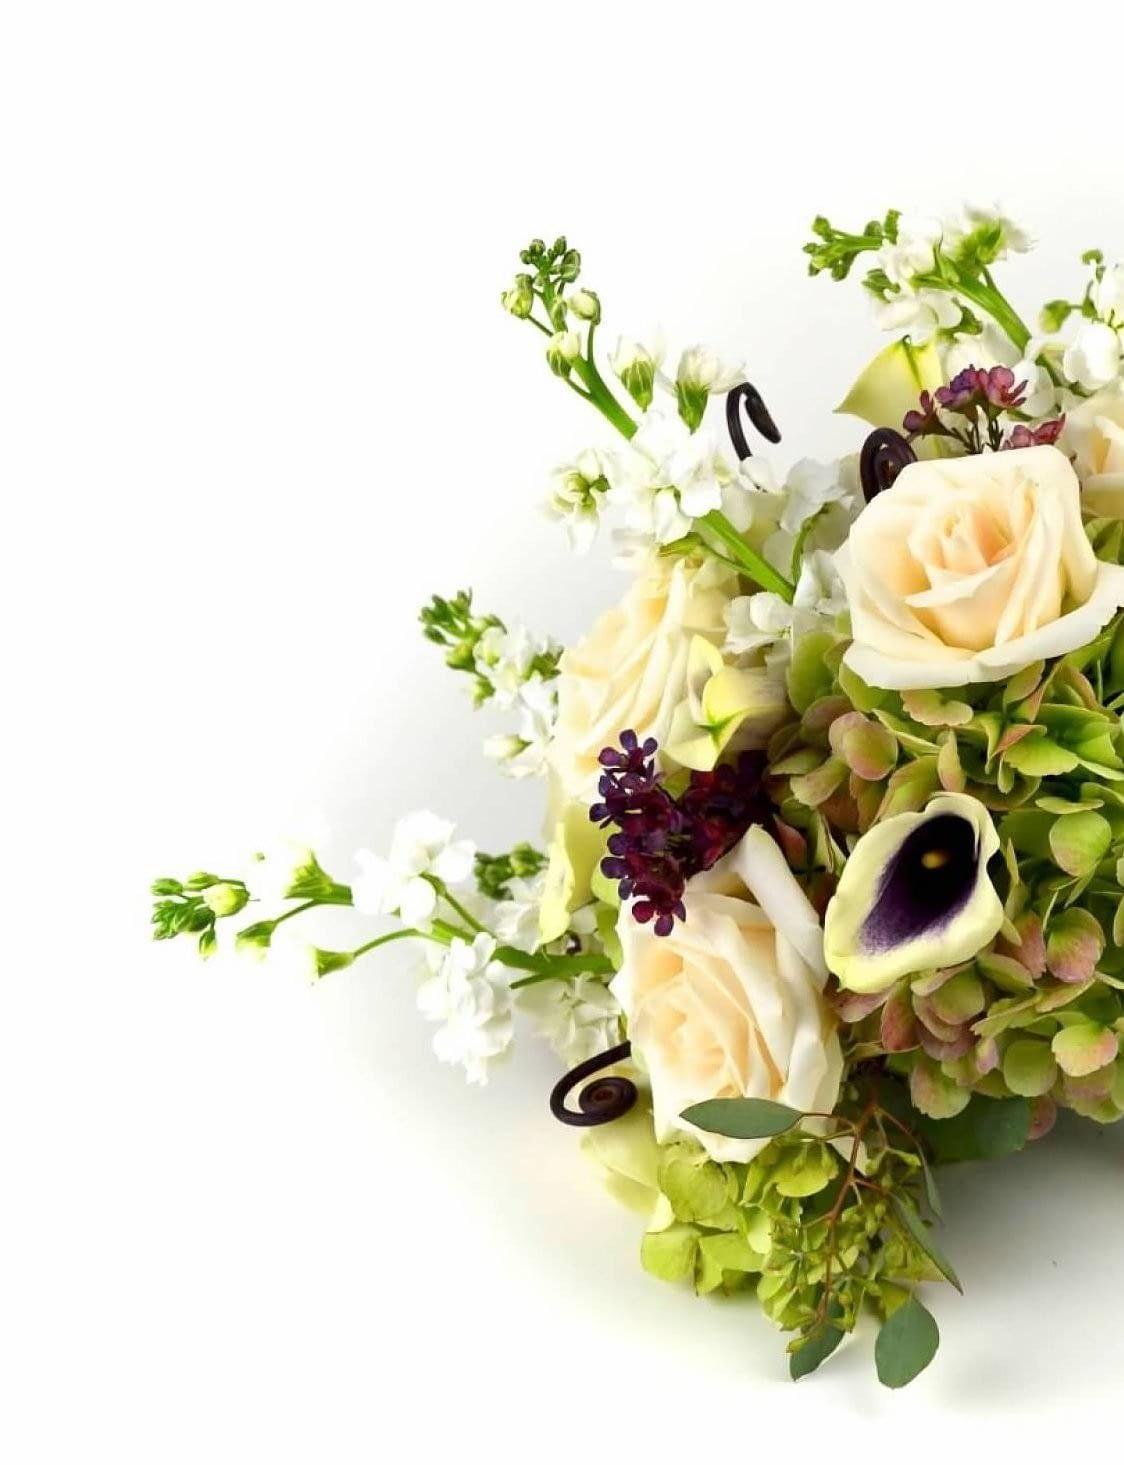 floral side